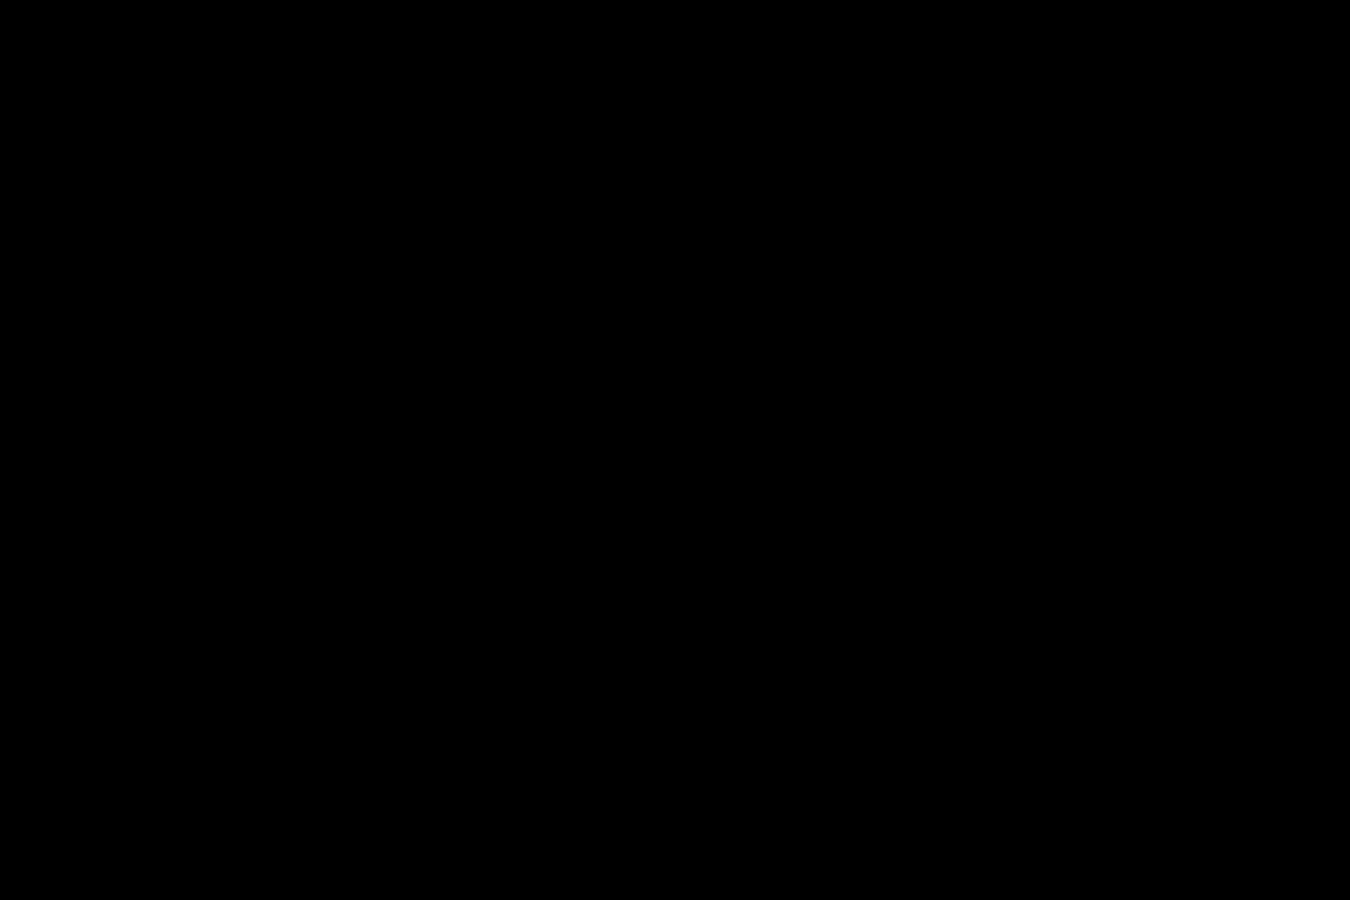 Iap41331